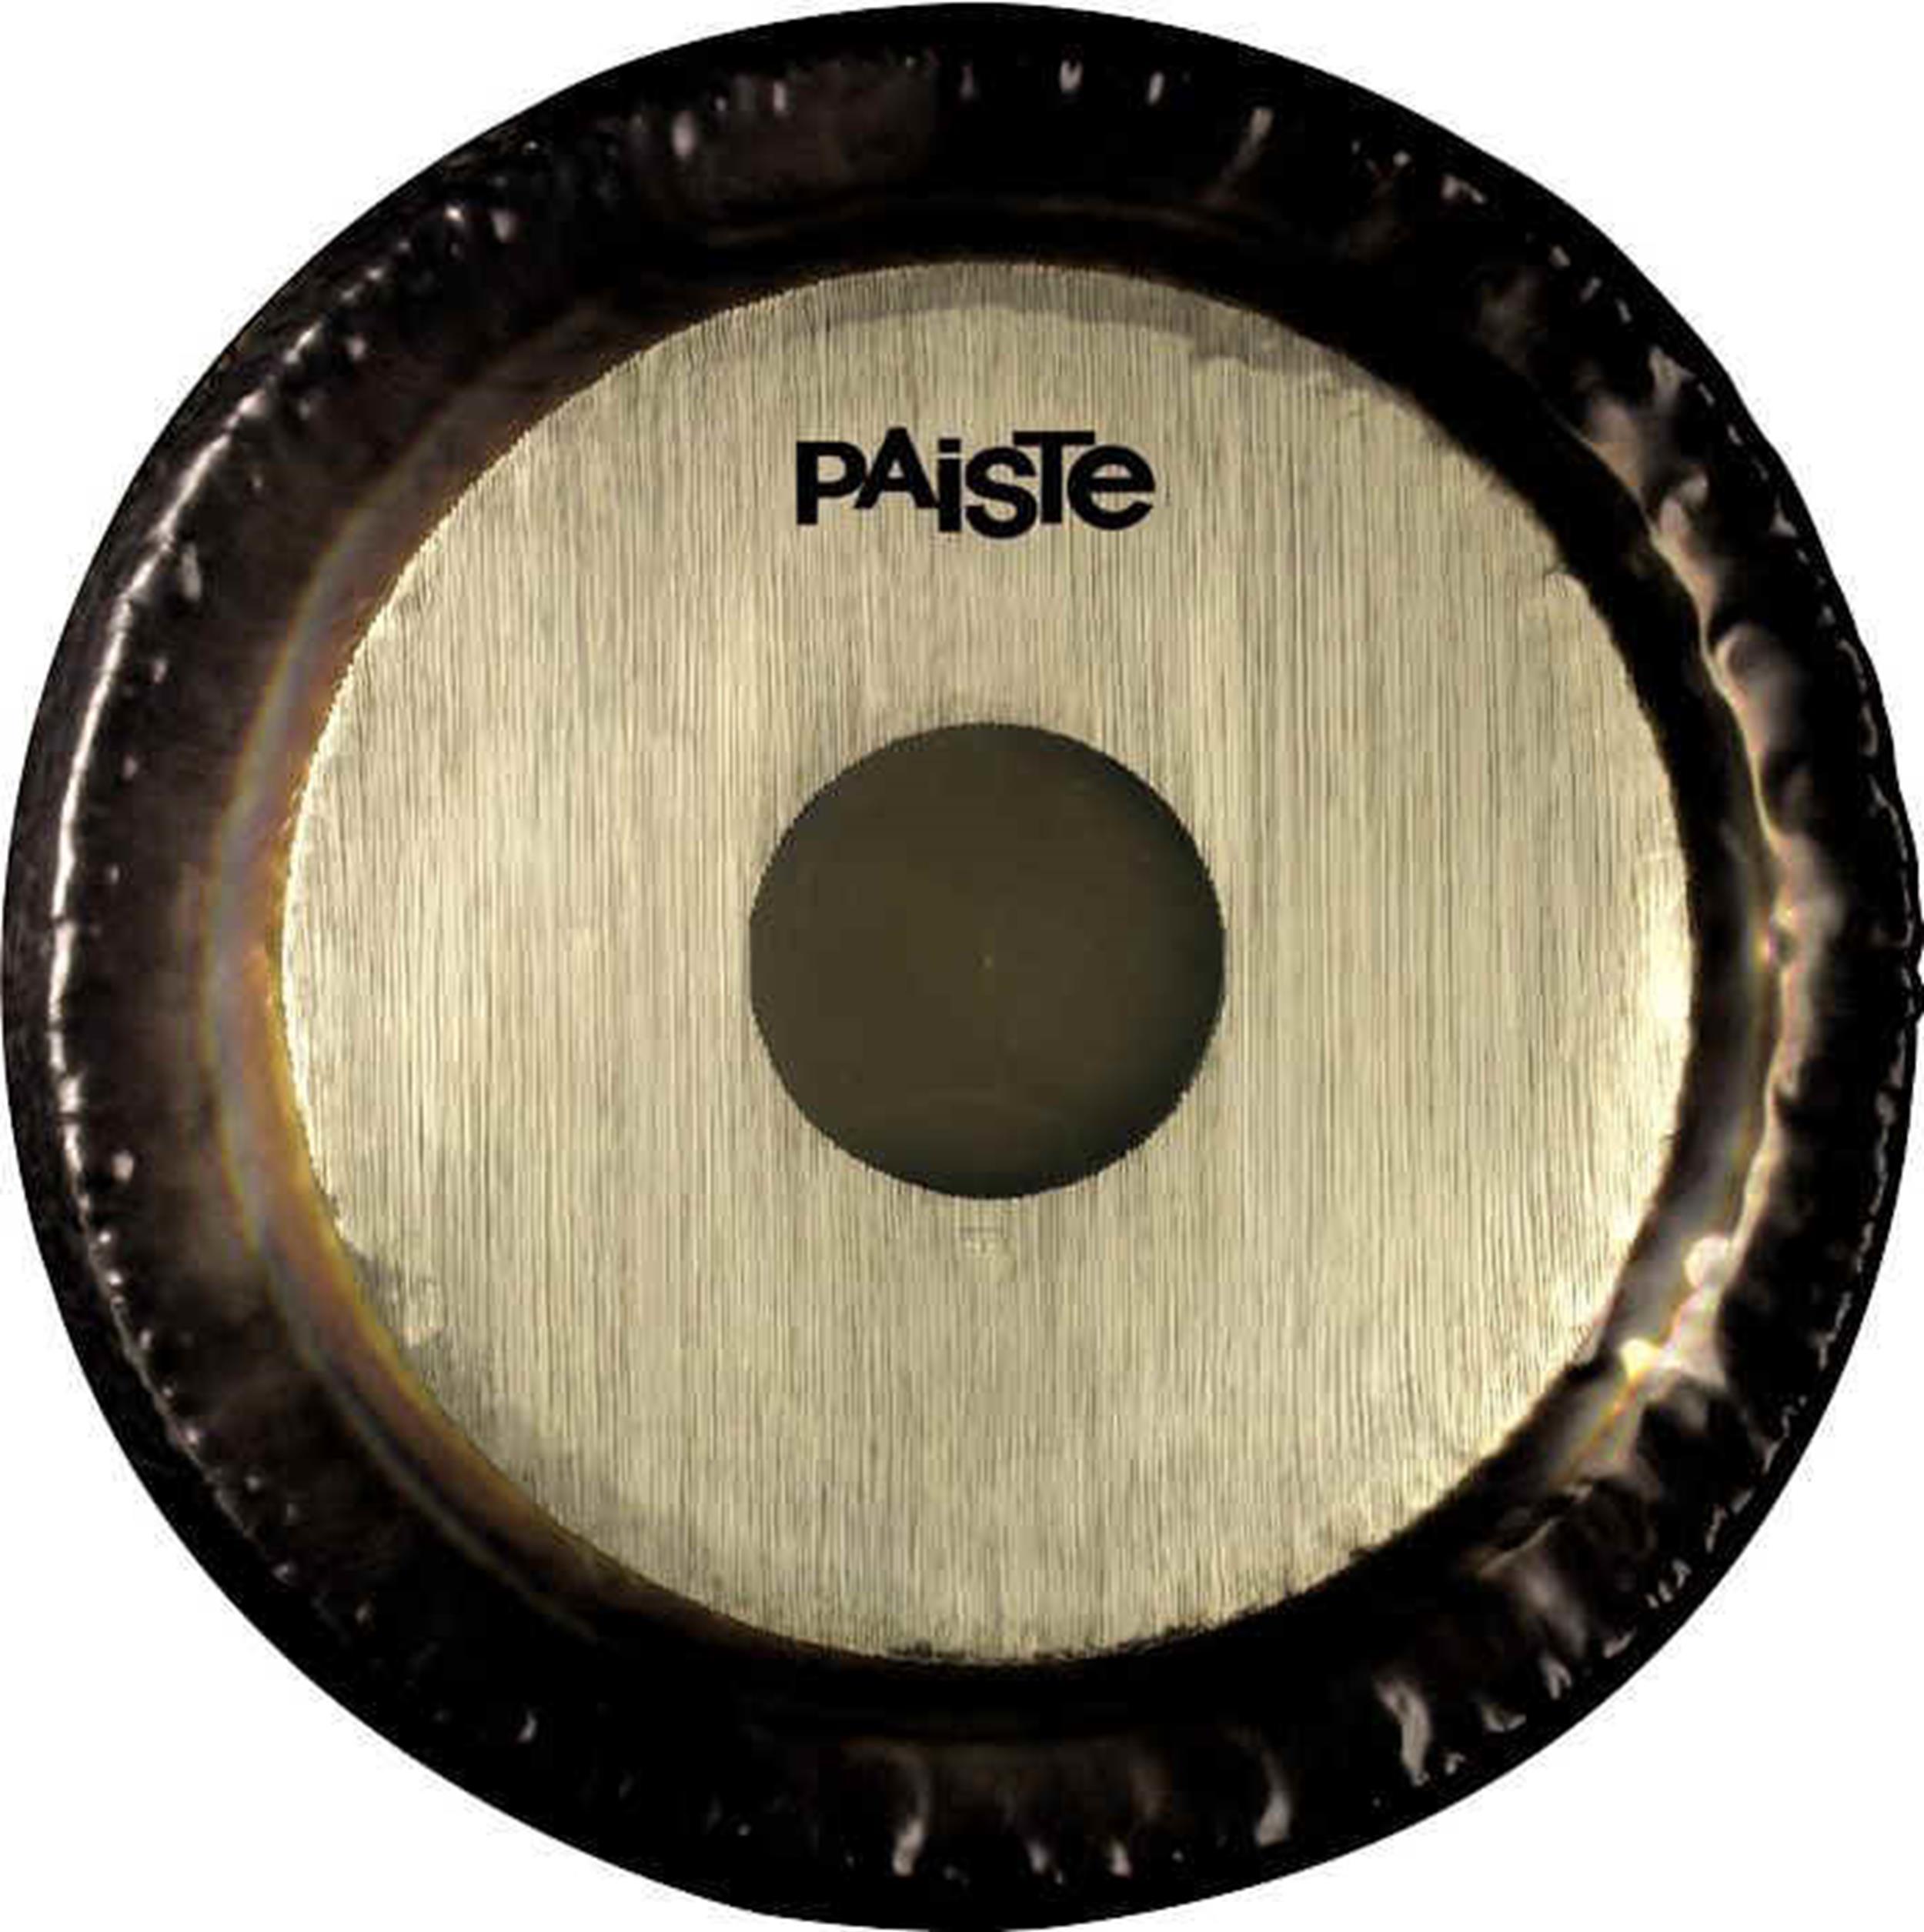 PAISTE GONG40 - Paiste Symphonic Gong 40